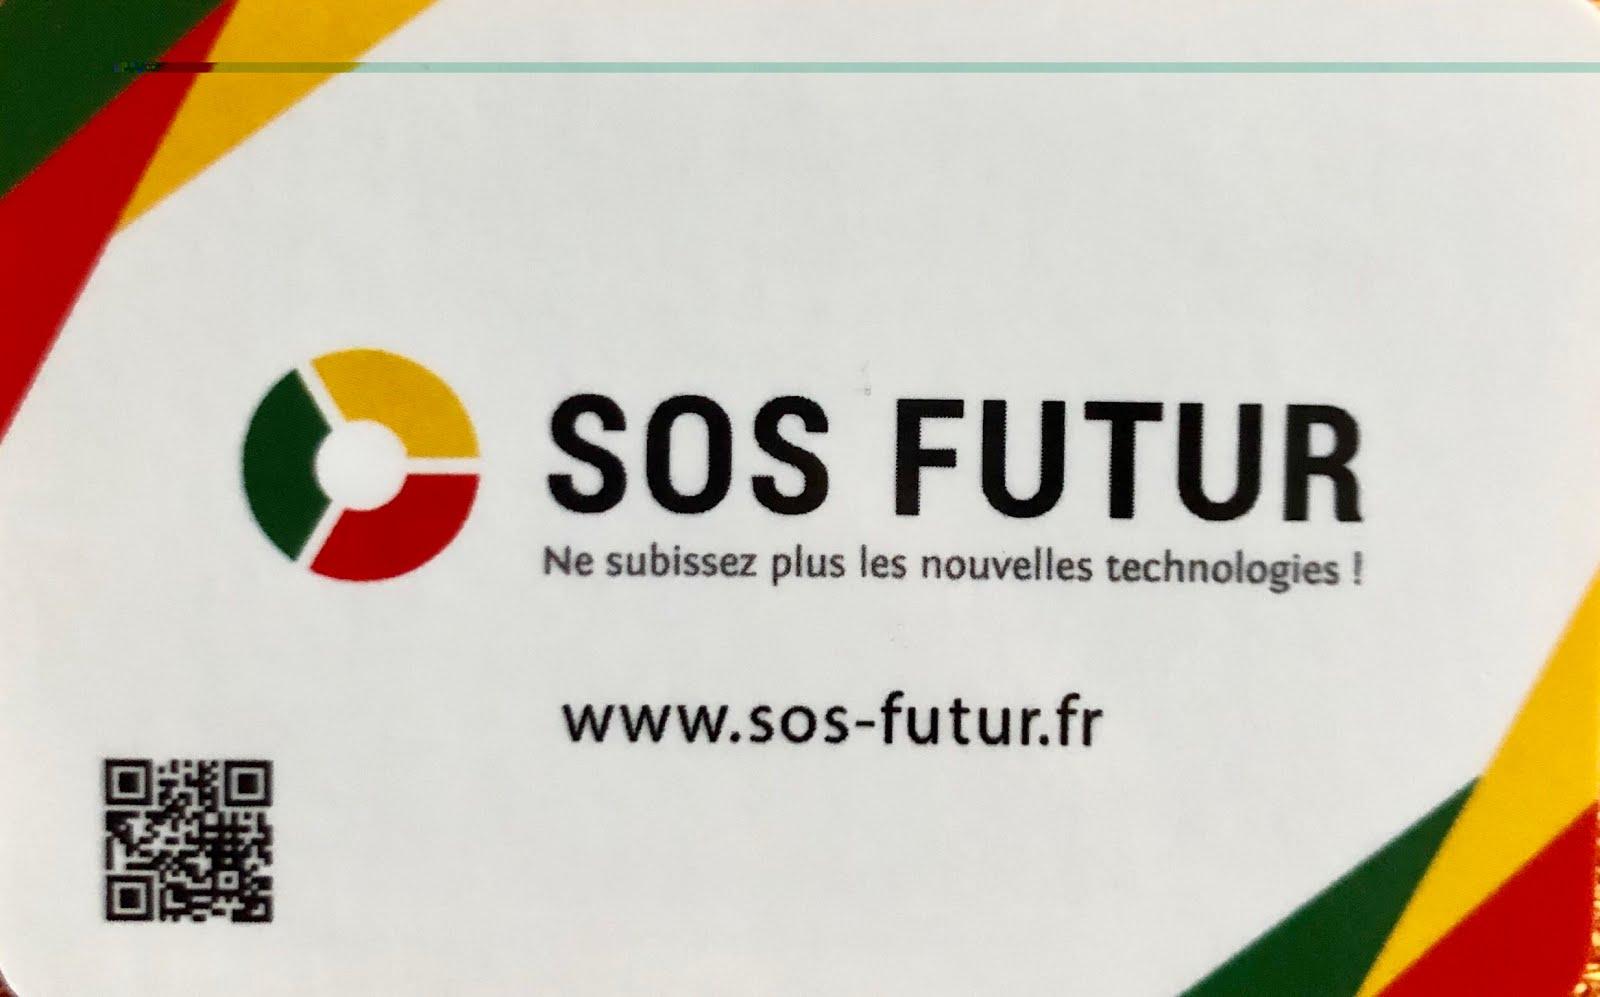 SOS FUTUR nouveau sponsor